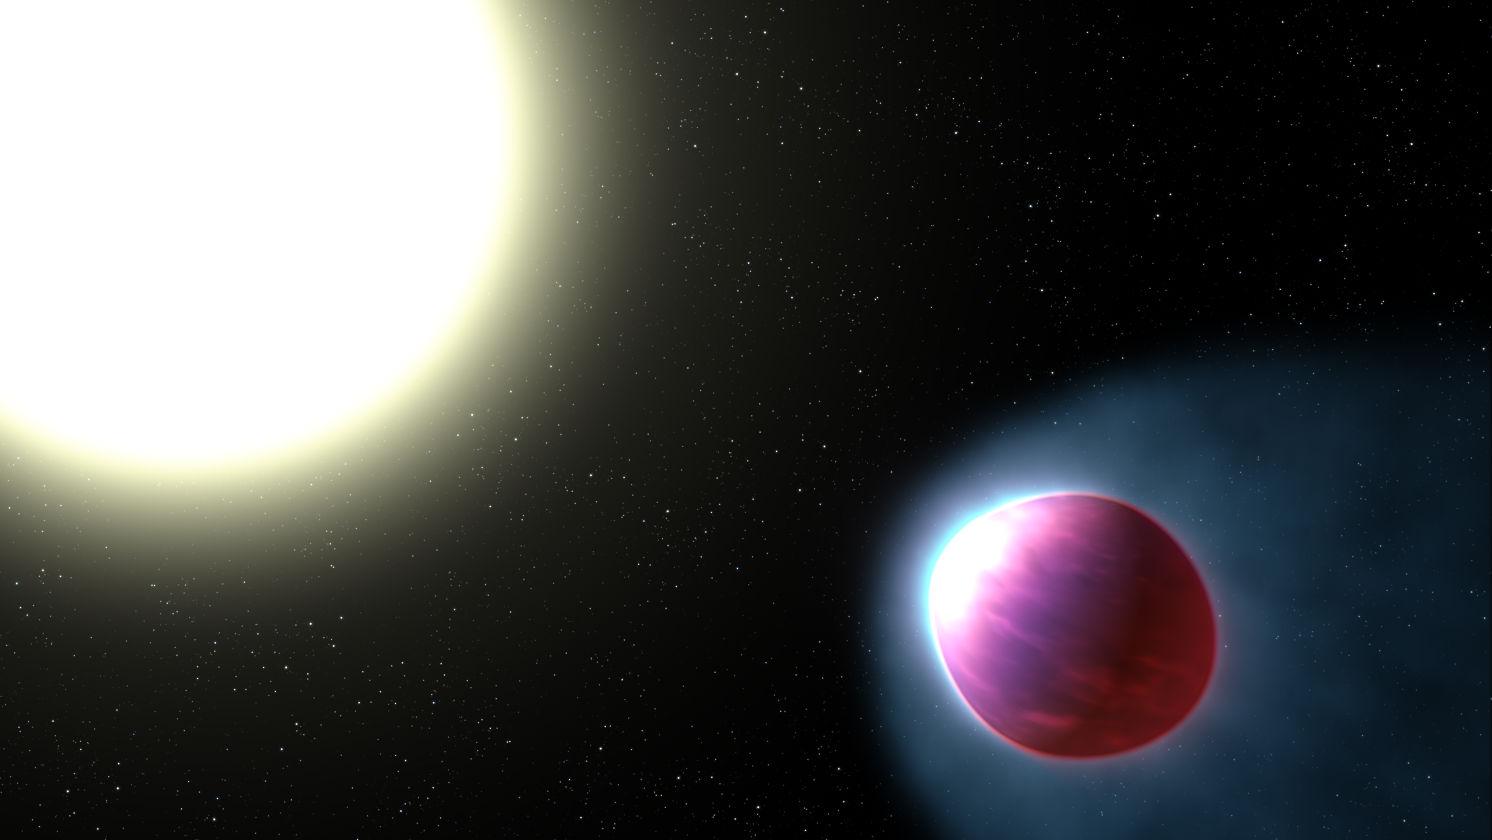 Экзопланета совершает полный оборот вокруг своей родительской звезды каждые 1,3 земных дня.